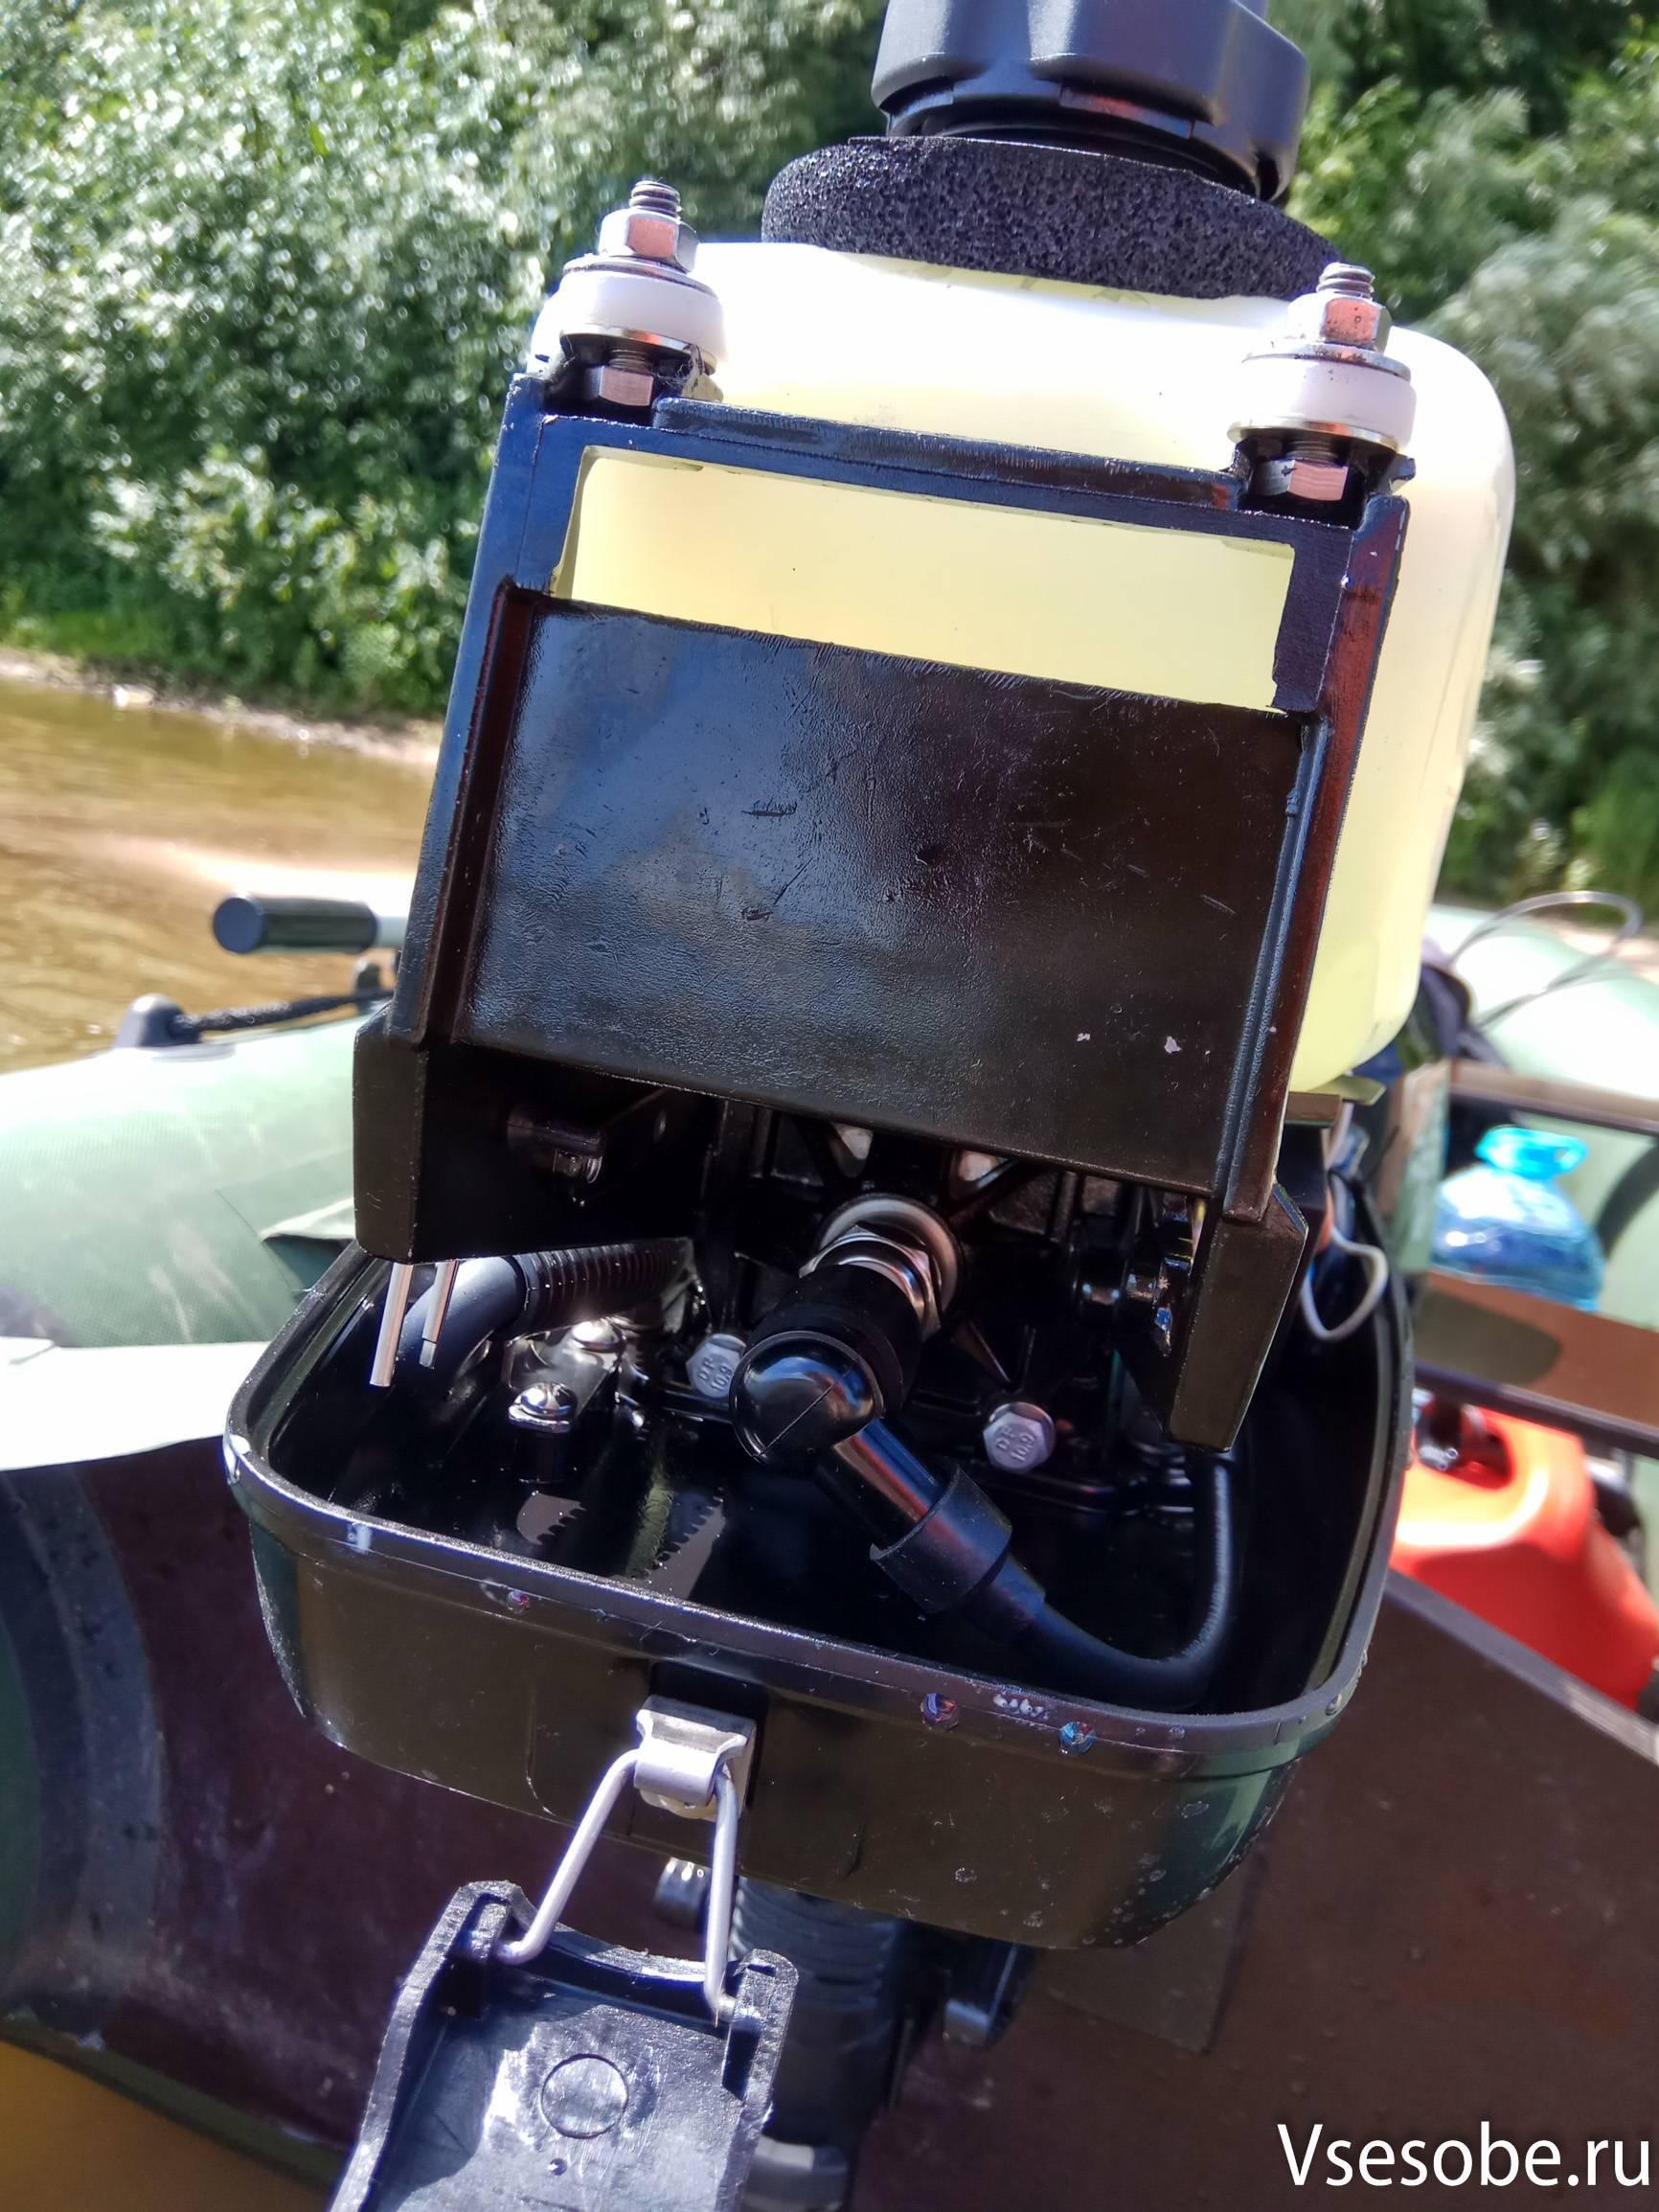 Что такое обкатка лодочного мотора, для чего она и обязательно ли это